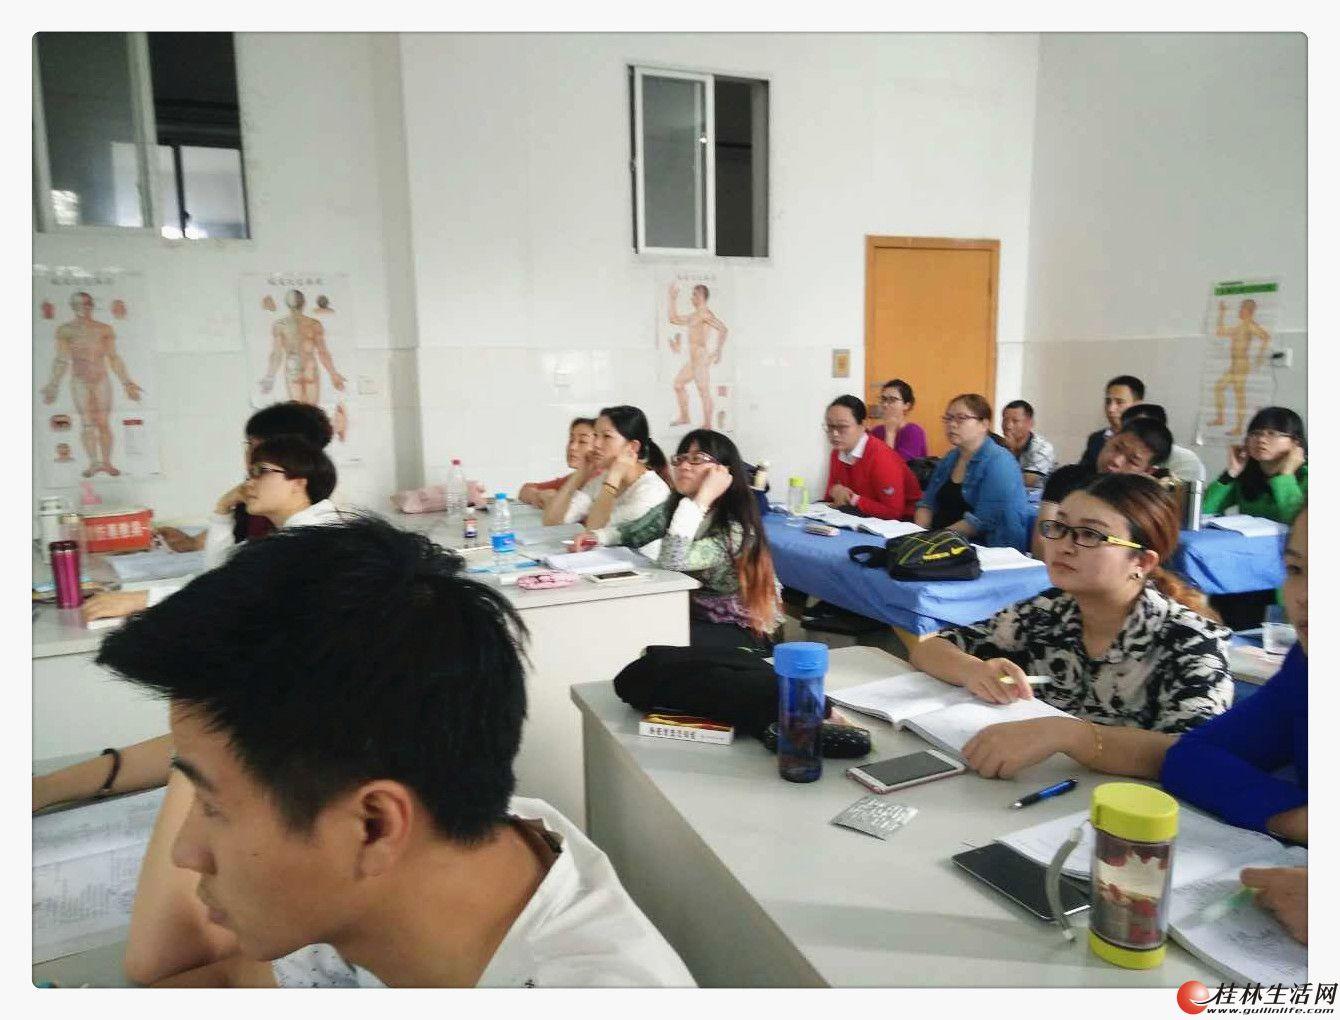 我在桂林想找专业针灸班报名学习学费多少?广西最好针灸技能学校